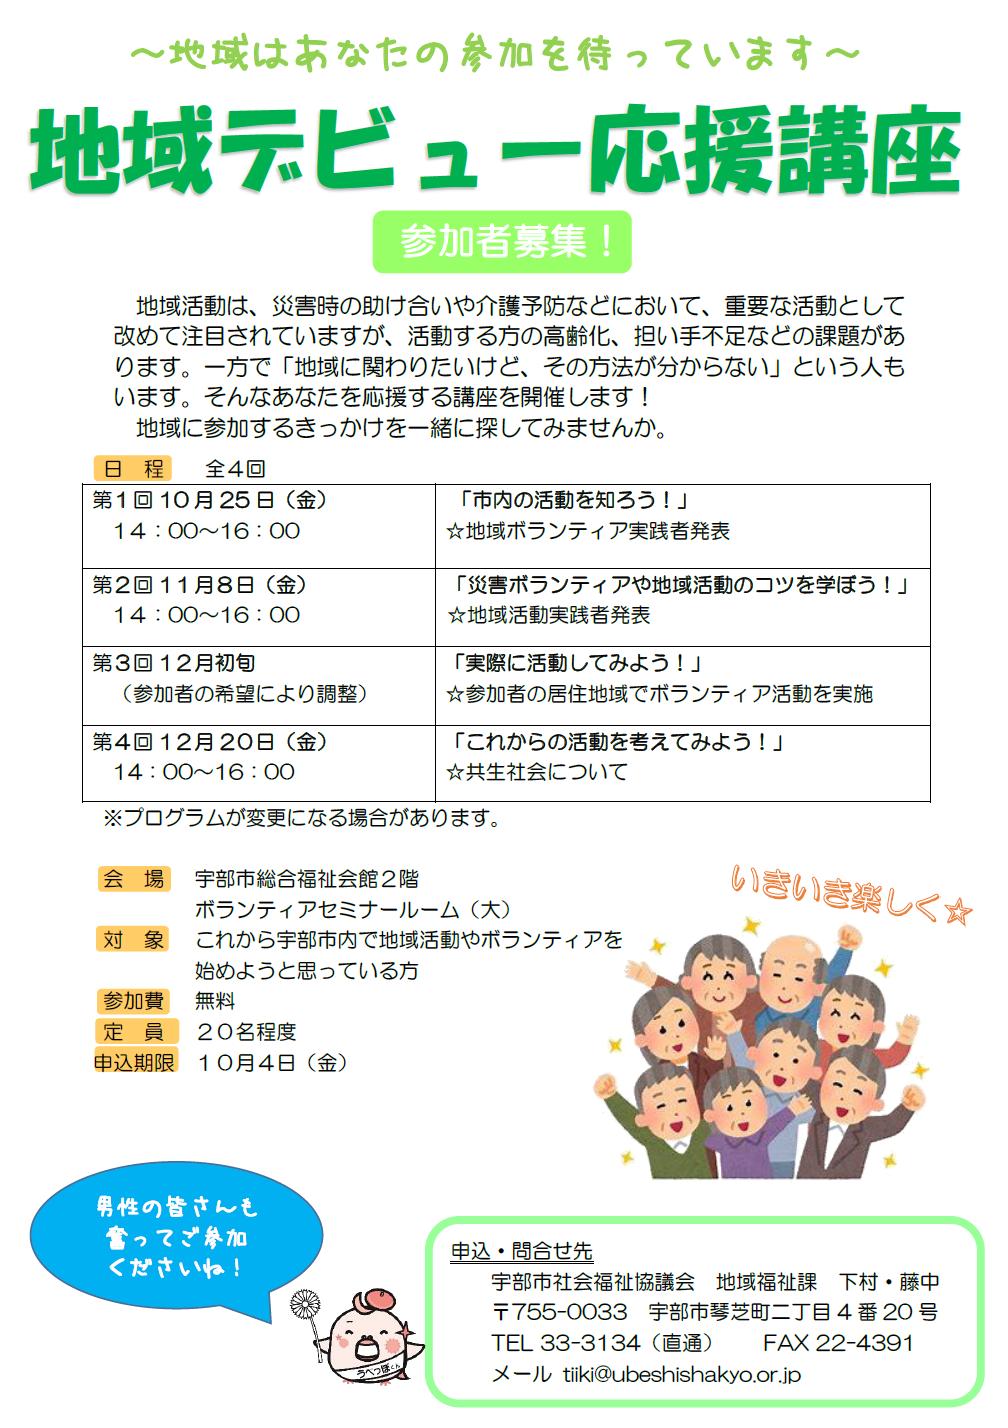 地域デビュー応援講座 チラシ.png